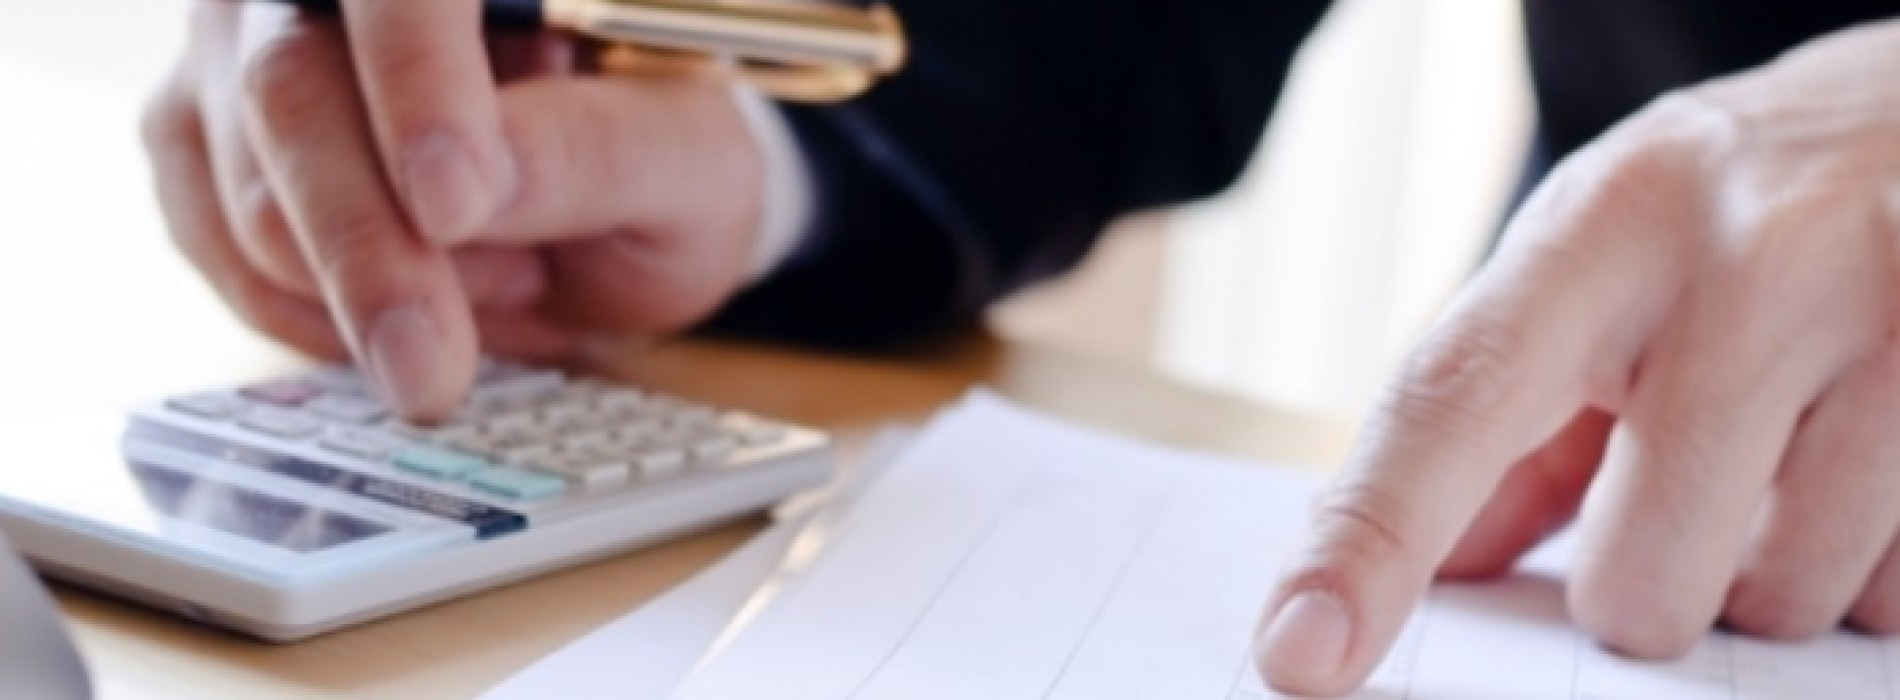 Odwrotne obciążenie – obowiązki stron transakcji